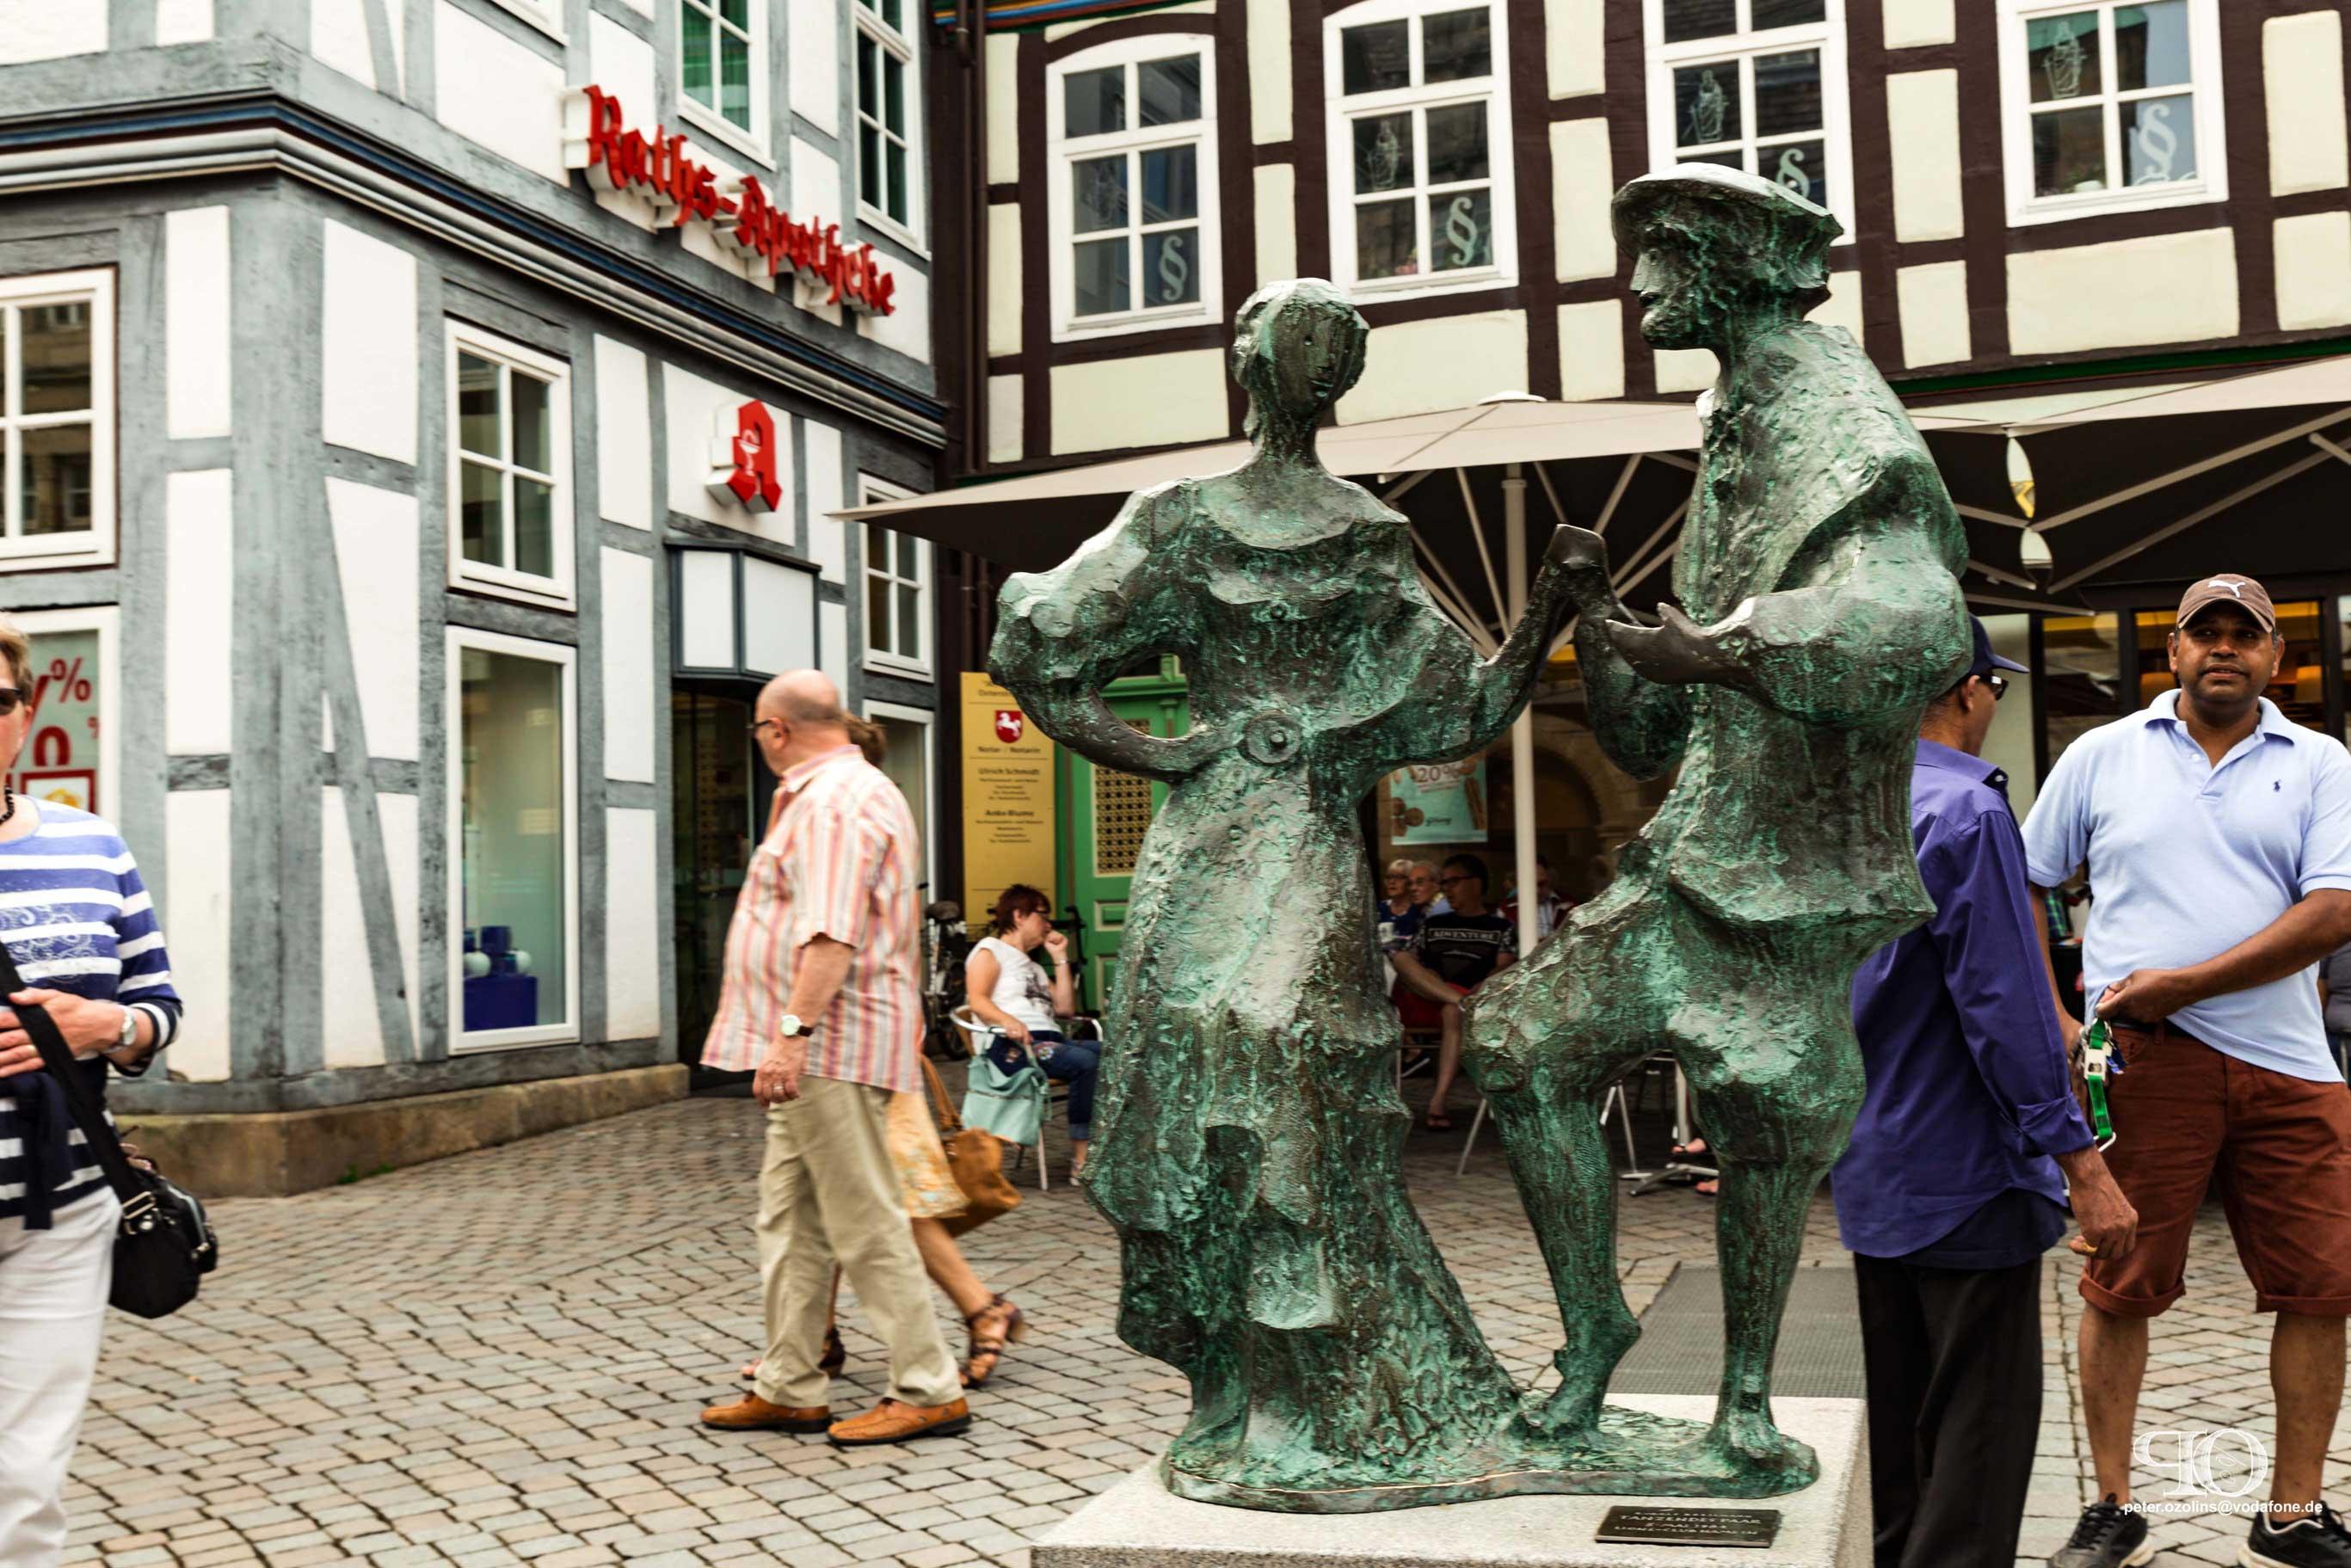 Stadtfuehrung Hameln / Die tanzenden